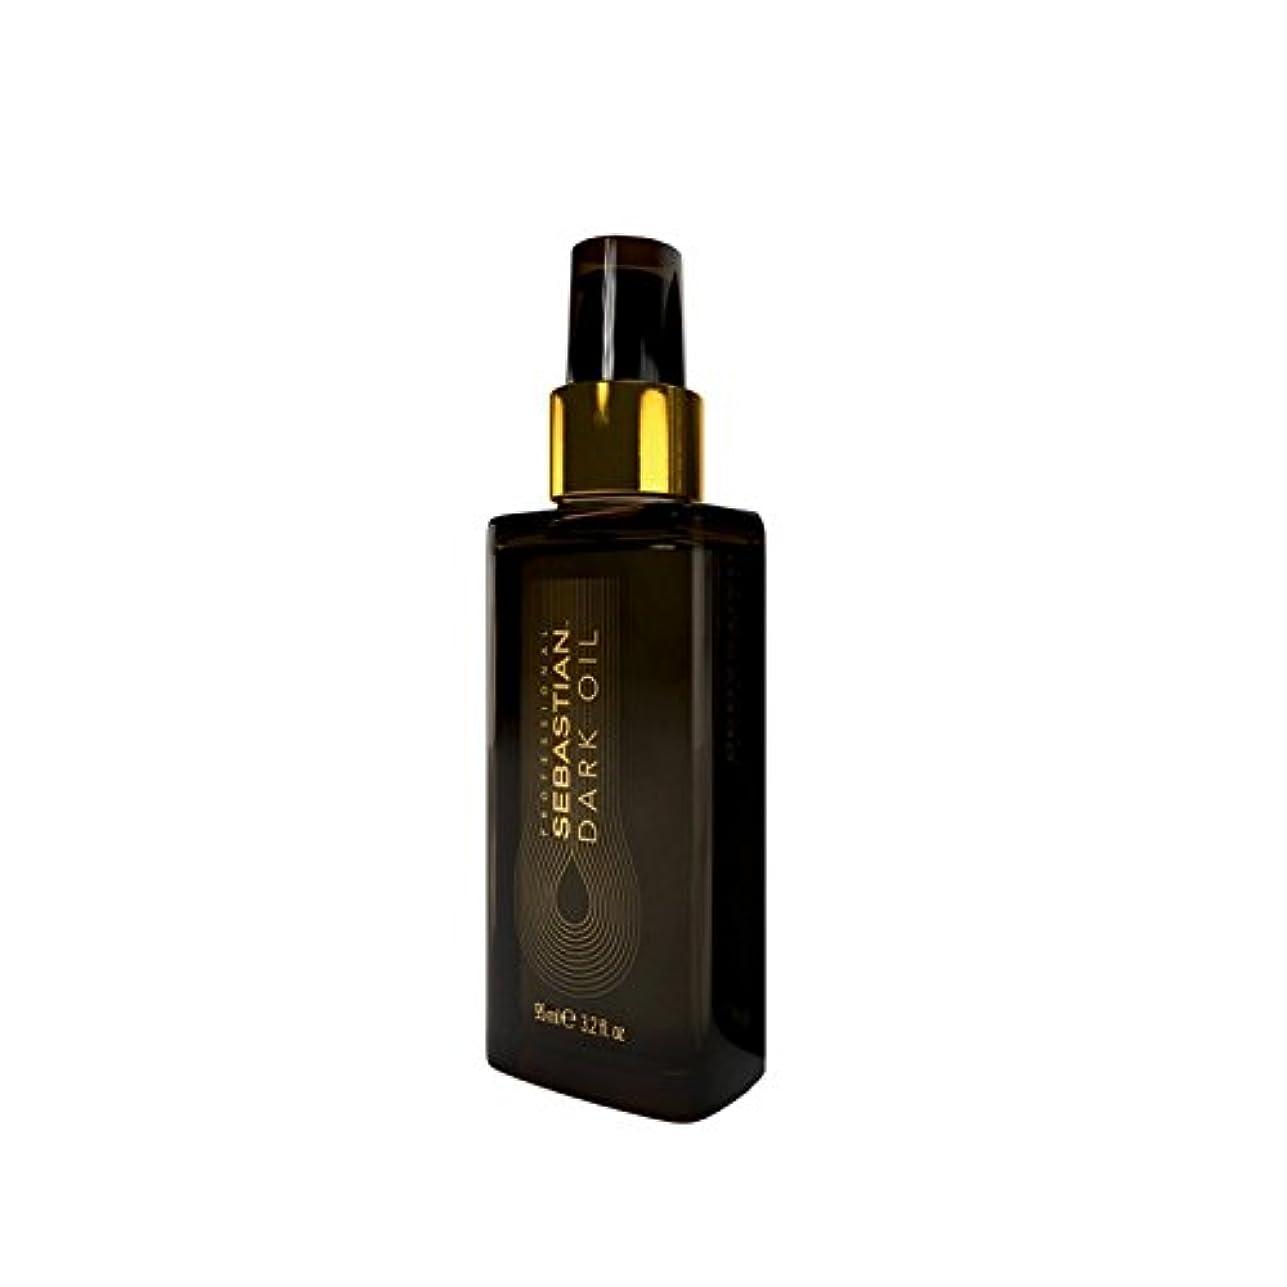 古い直径好戦的なSebastian Professional Dark Oil Styling Oil (95ml) (Pack of 6) - セバスチャン?プロダーク油スタイリングオイル(95ミリリットル) x6 [並行輸入品]